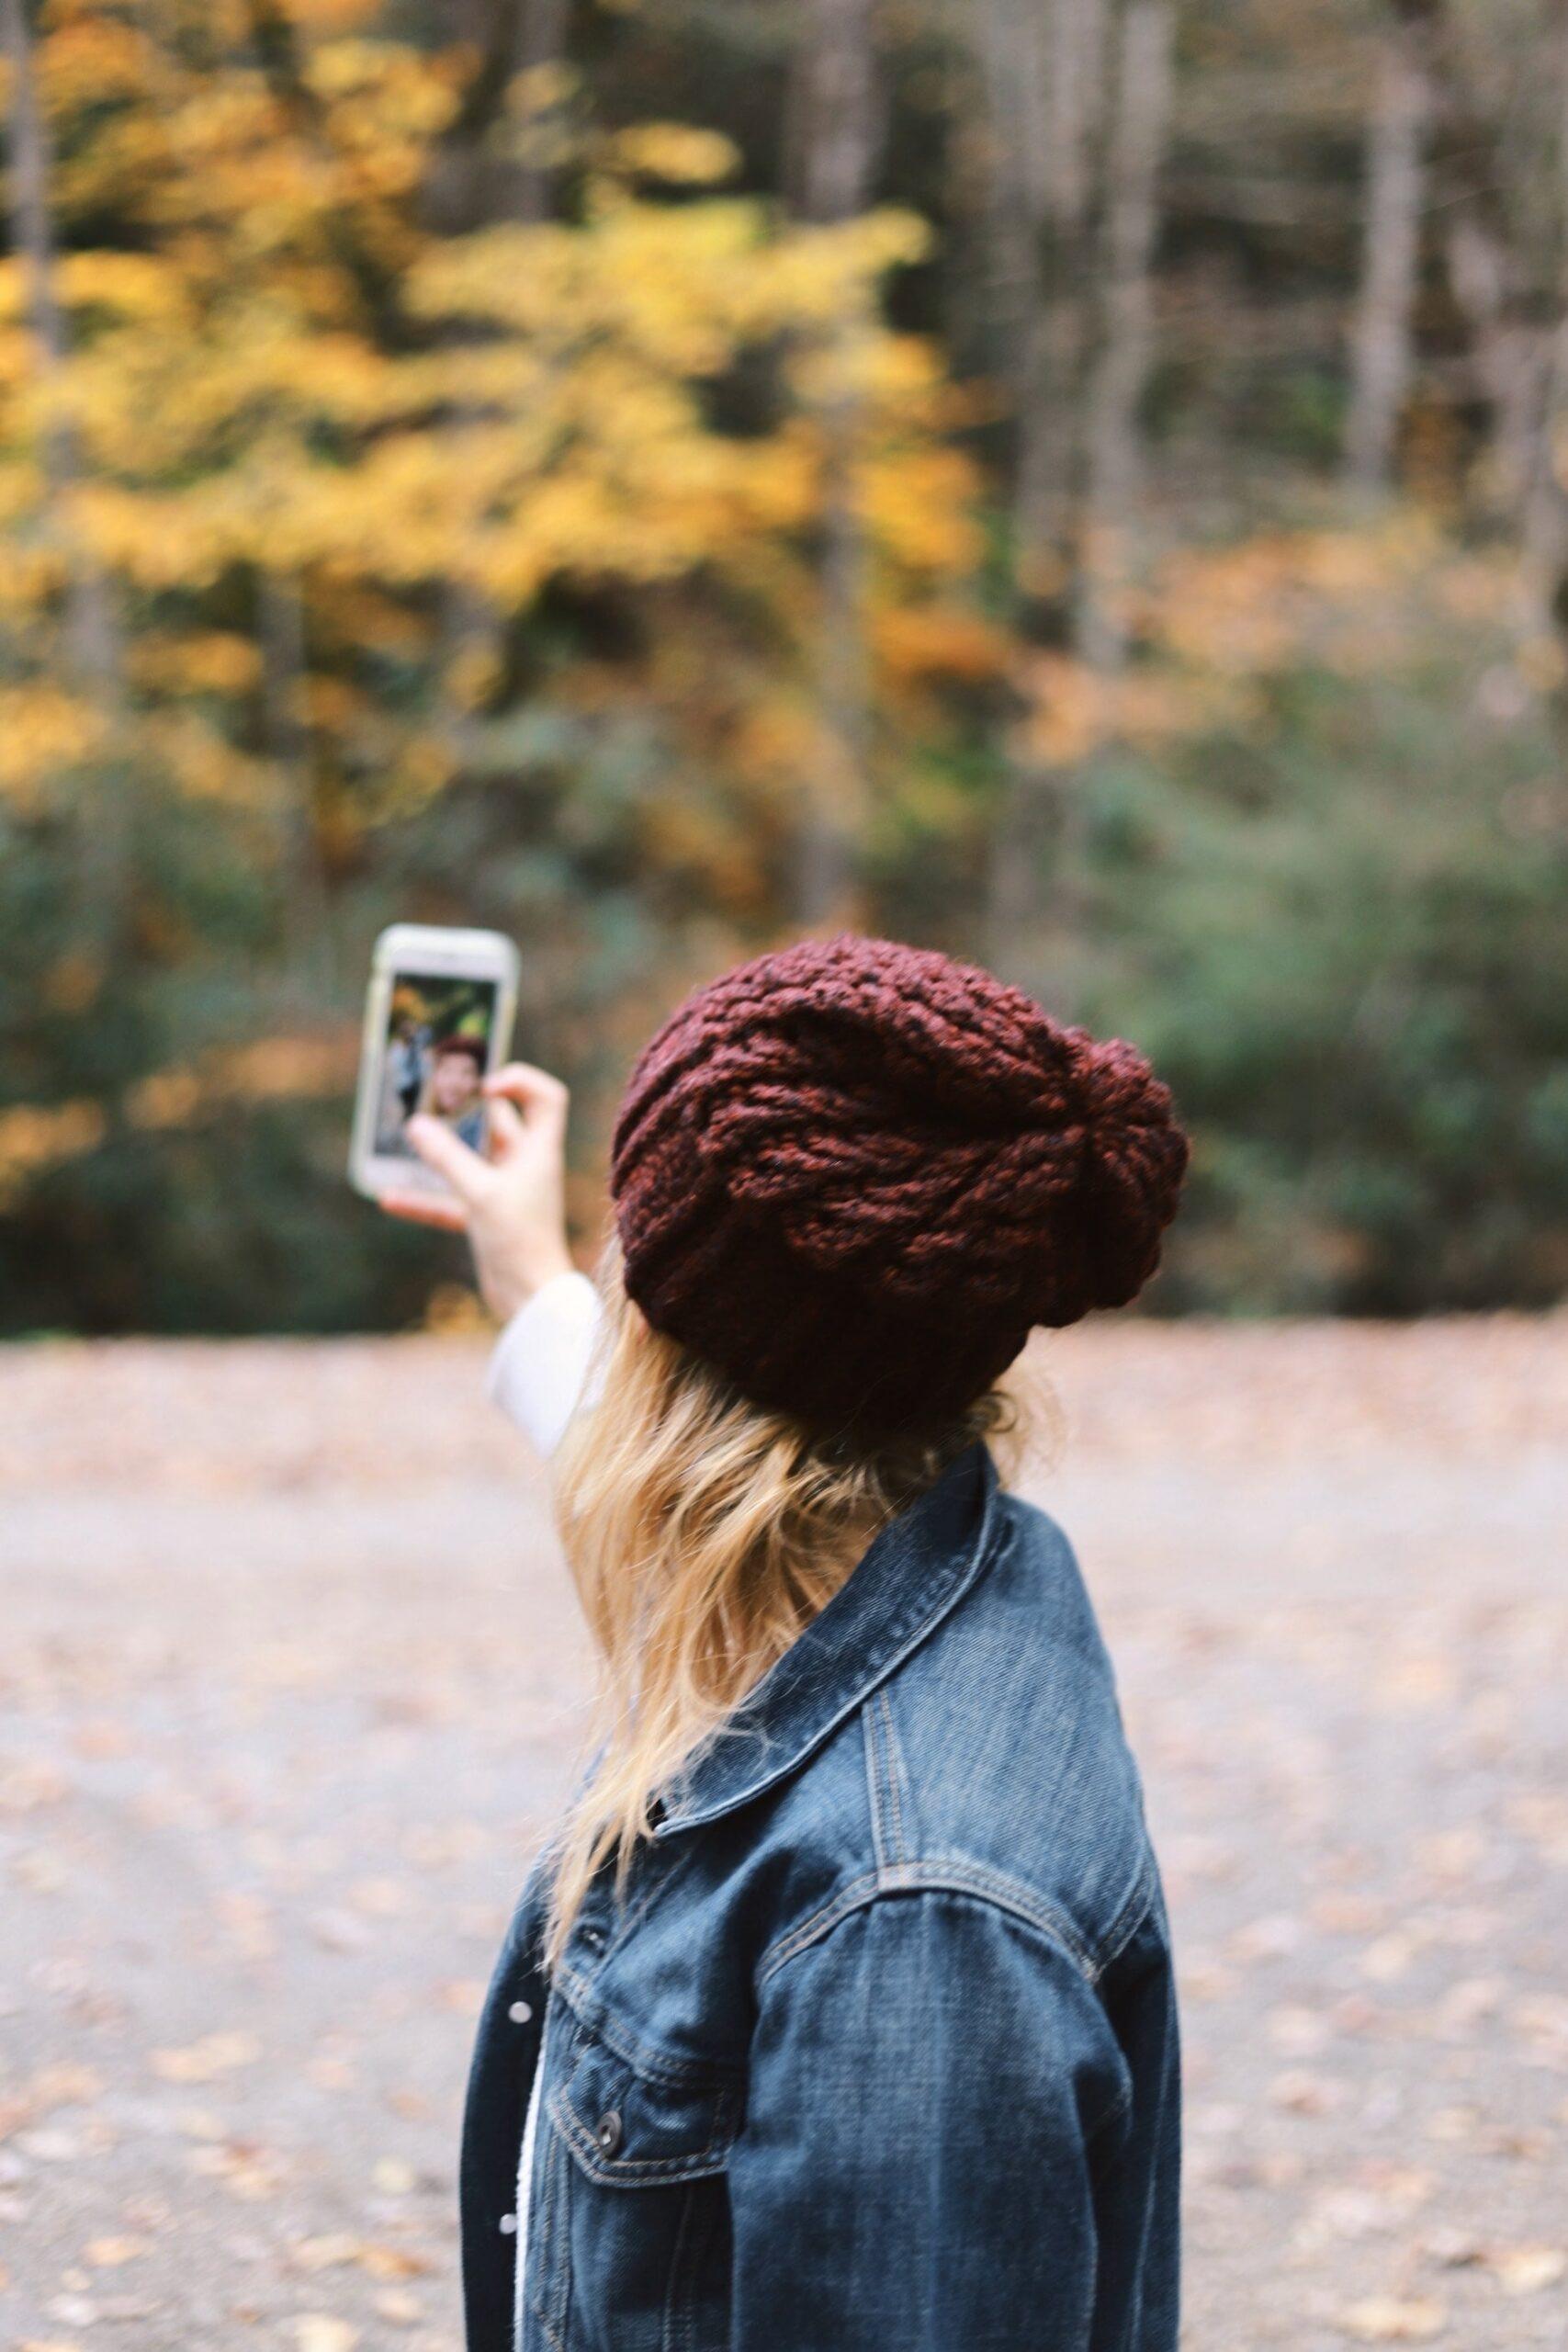 Chica tomando selfie con su móvil